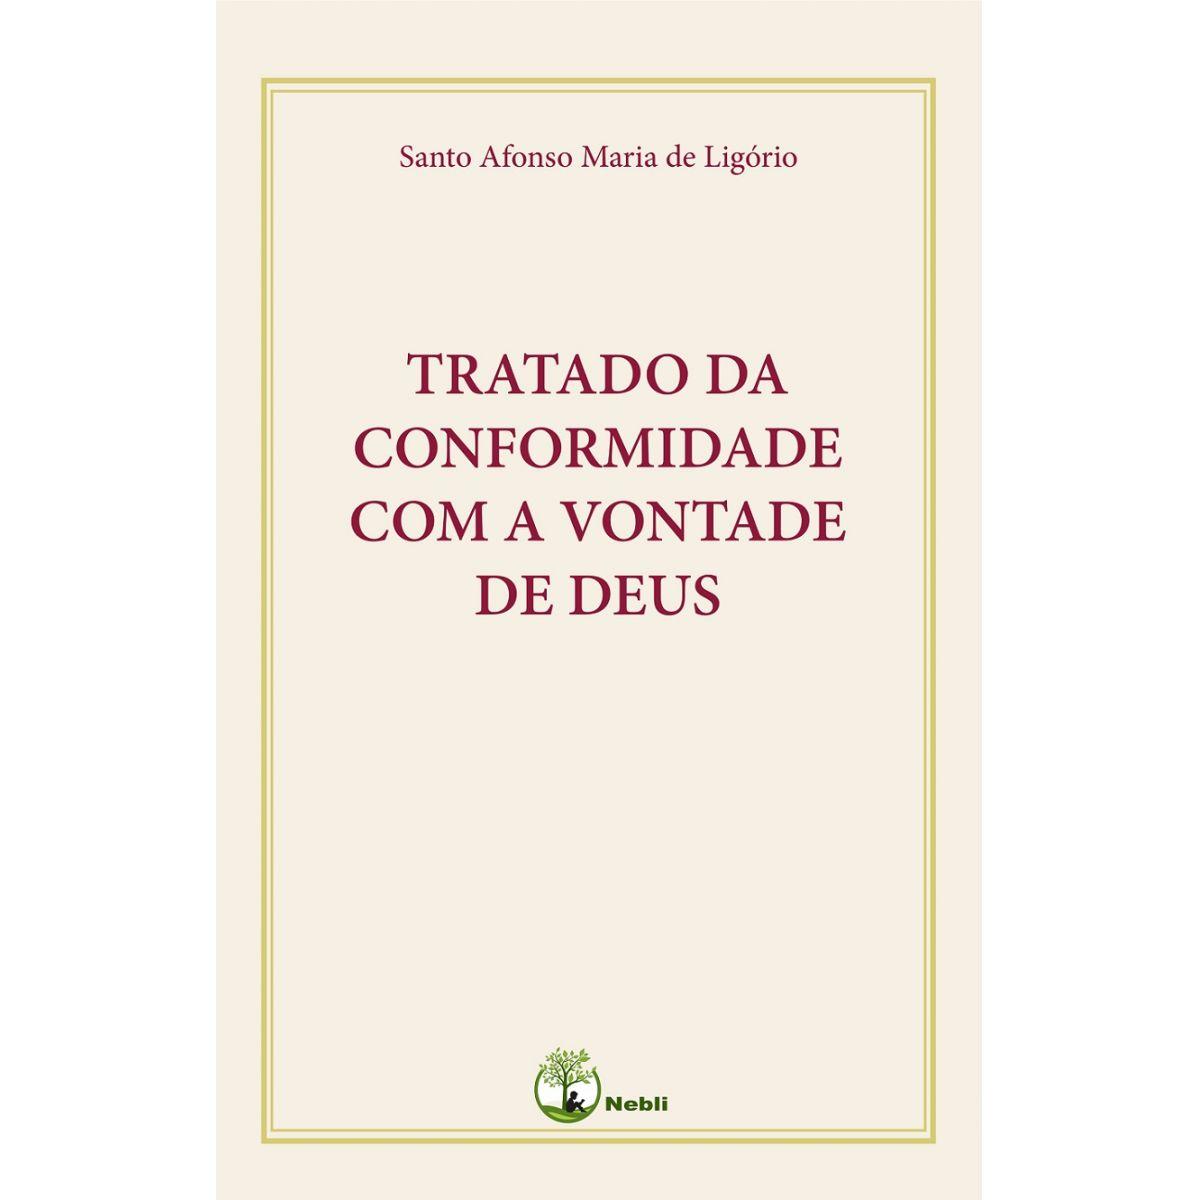 Tratado da Conformidade Com a Vontade de Deus - S. Afonso Maria de Ligório